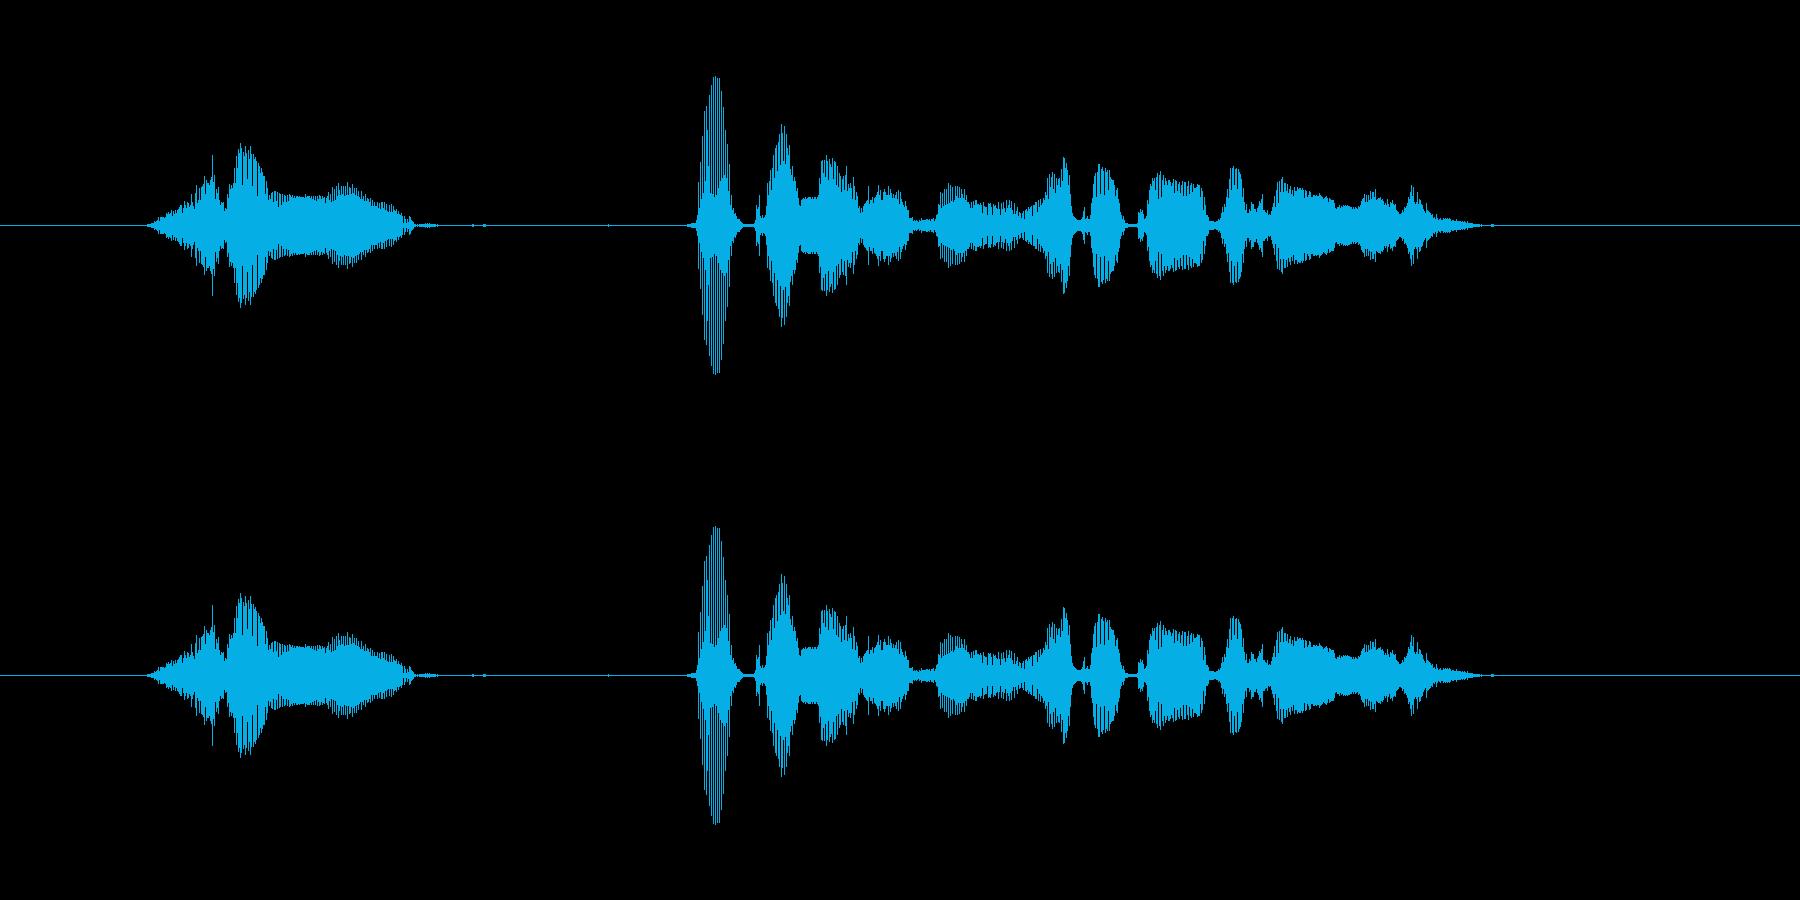 【行事・イベント・挨拶】新年、明けまし…の再生済みの波形